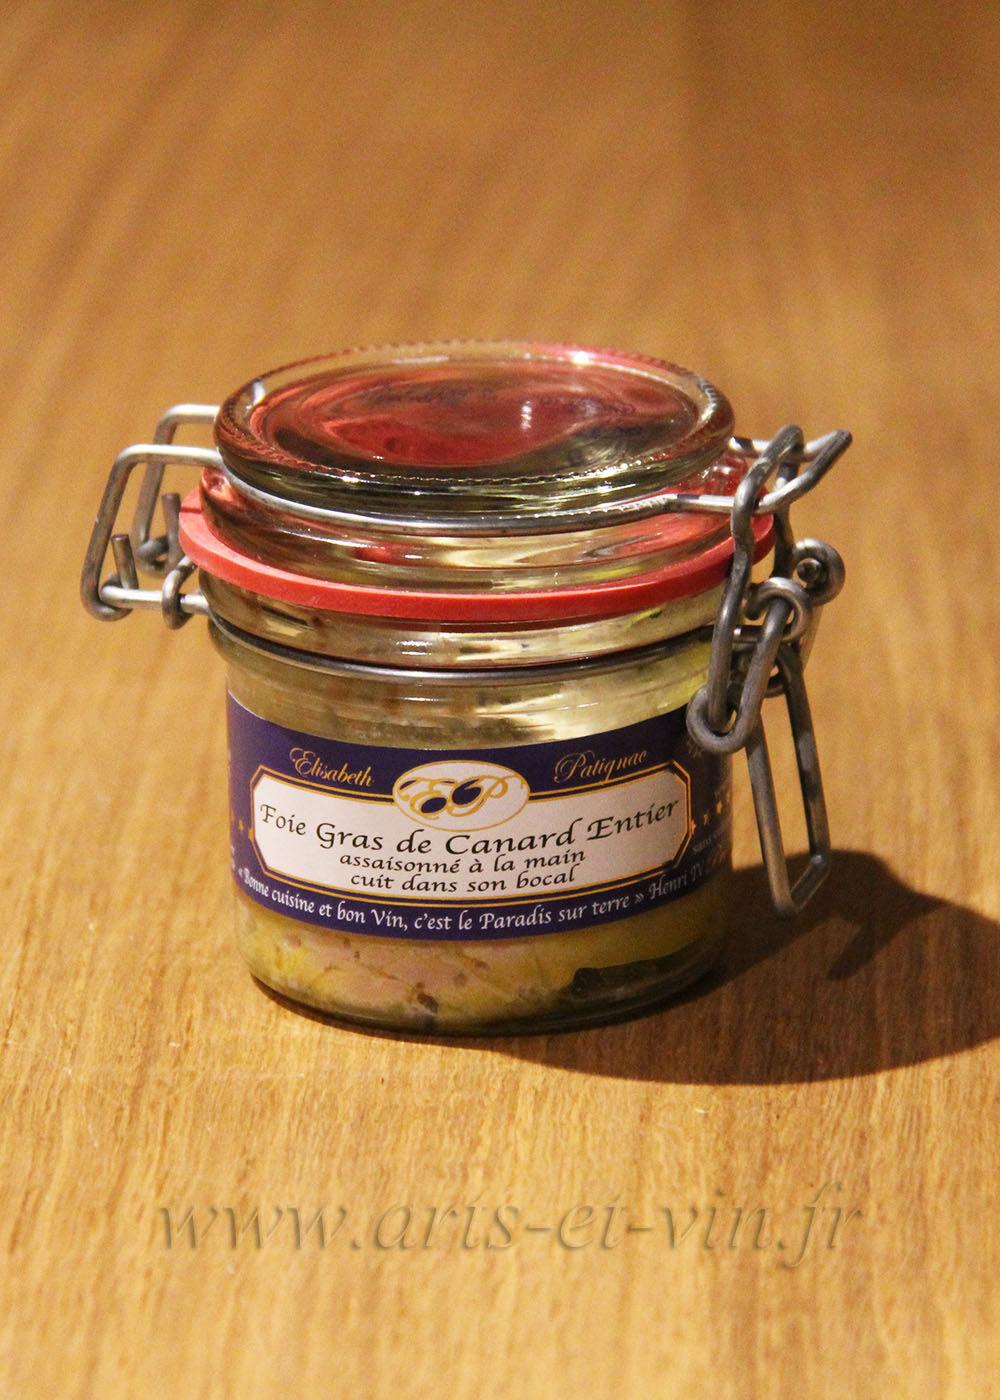 Foie Gras et Epices Foie gras de canard entier assaisonné à la main et cuit dans son bocal - 90g